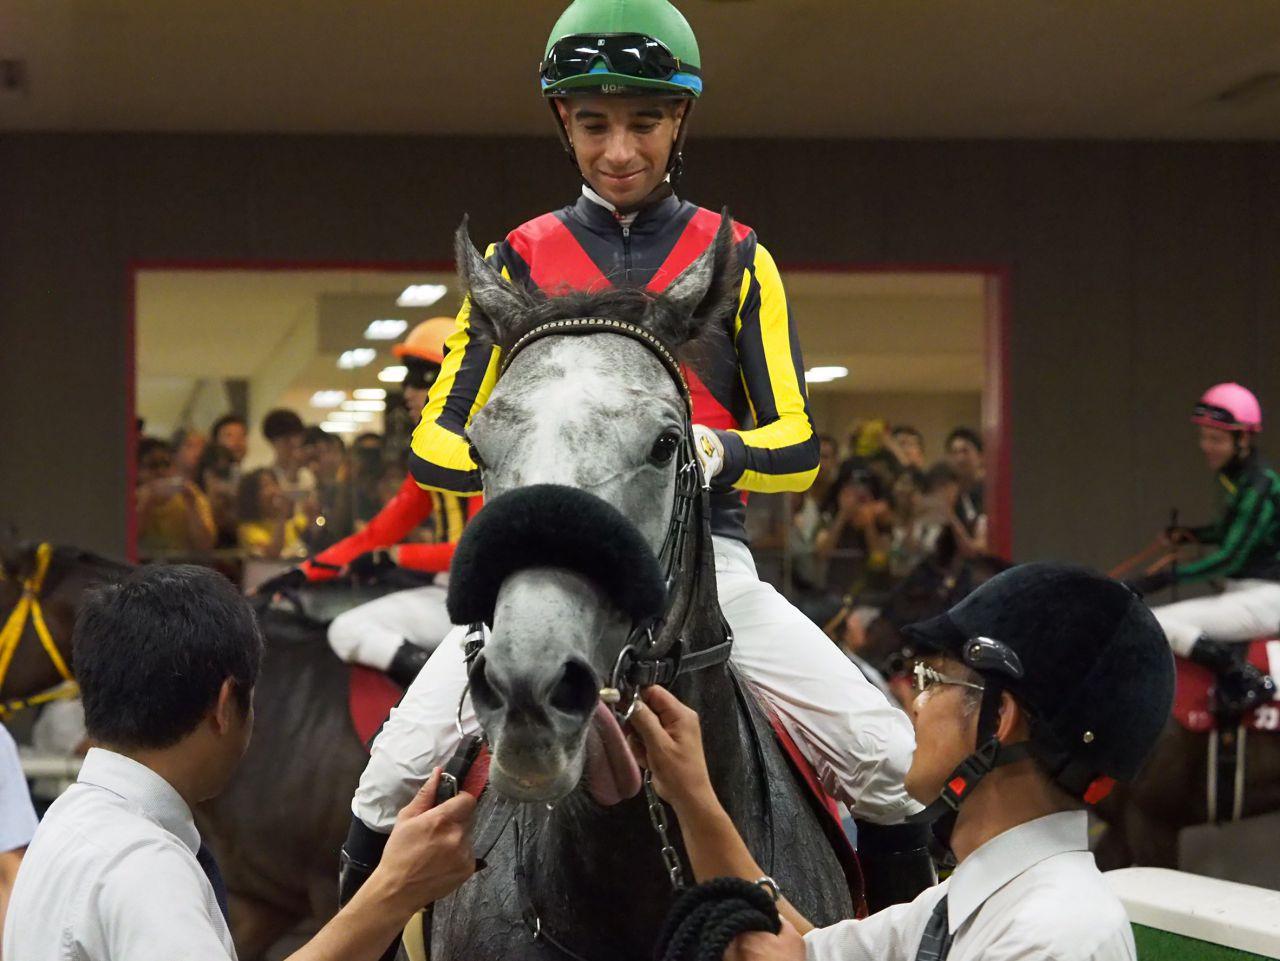 【凱旋門賞】武豊クリンチャーは馬番9・最内枠より出走